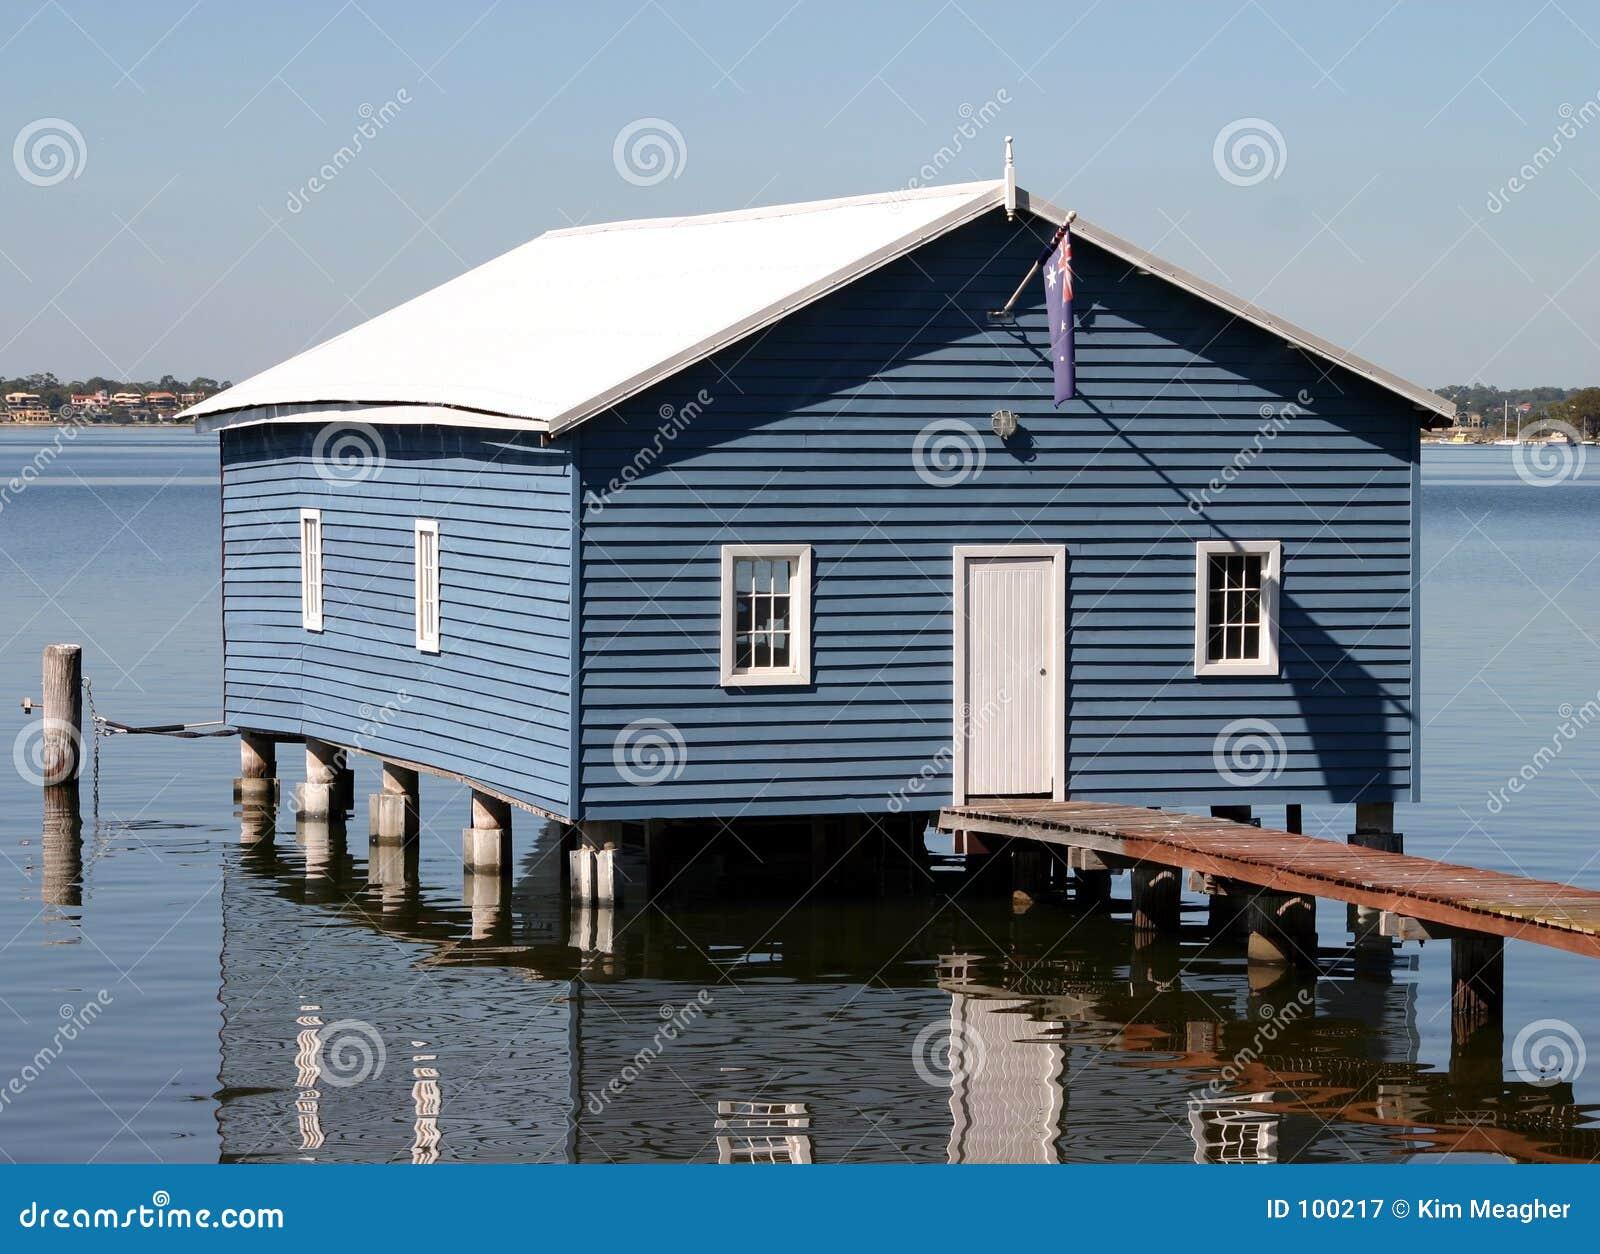 Boatshed II